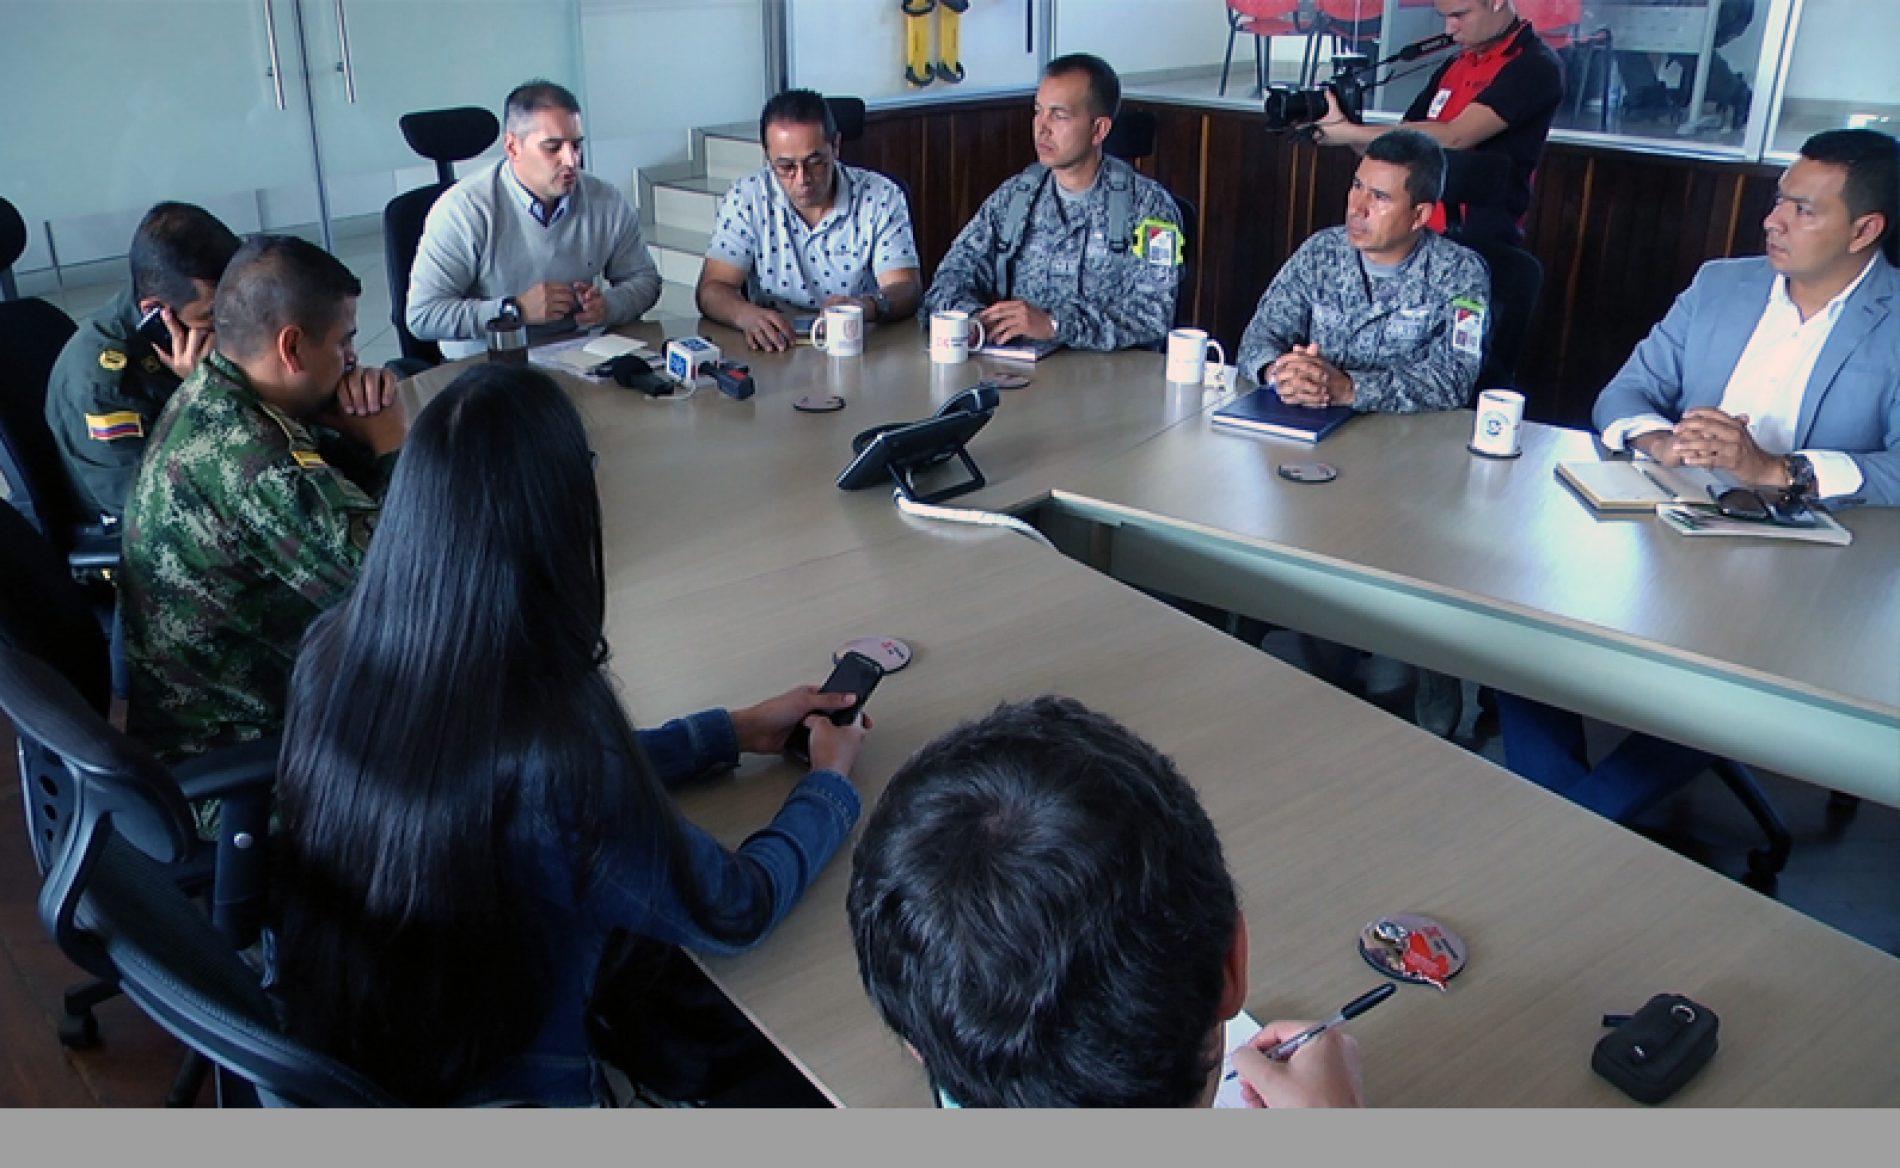 Alcaldía de Rionegro presentó primer balance de seguridad del año, con una reducción en todos los delitos en el municipio